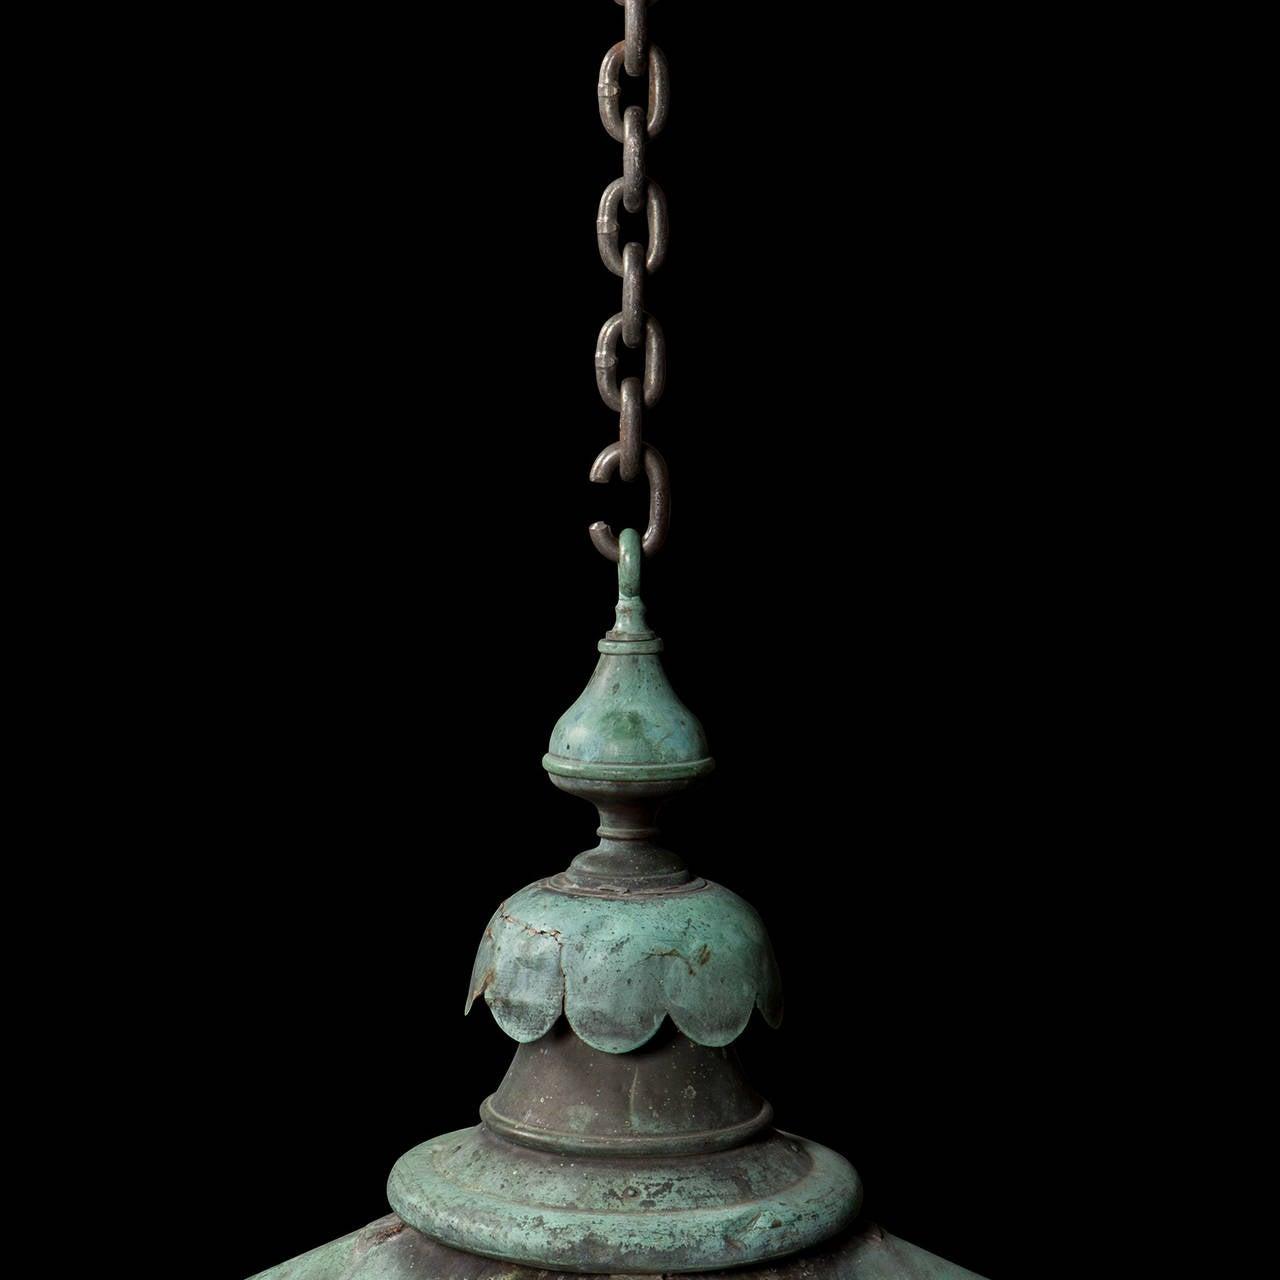 Verdigris Copper Outdoor Garden Lantern 3